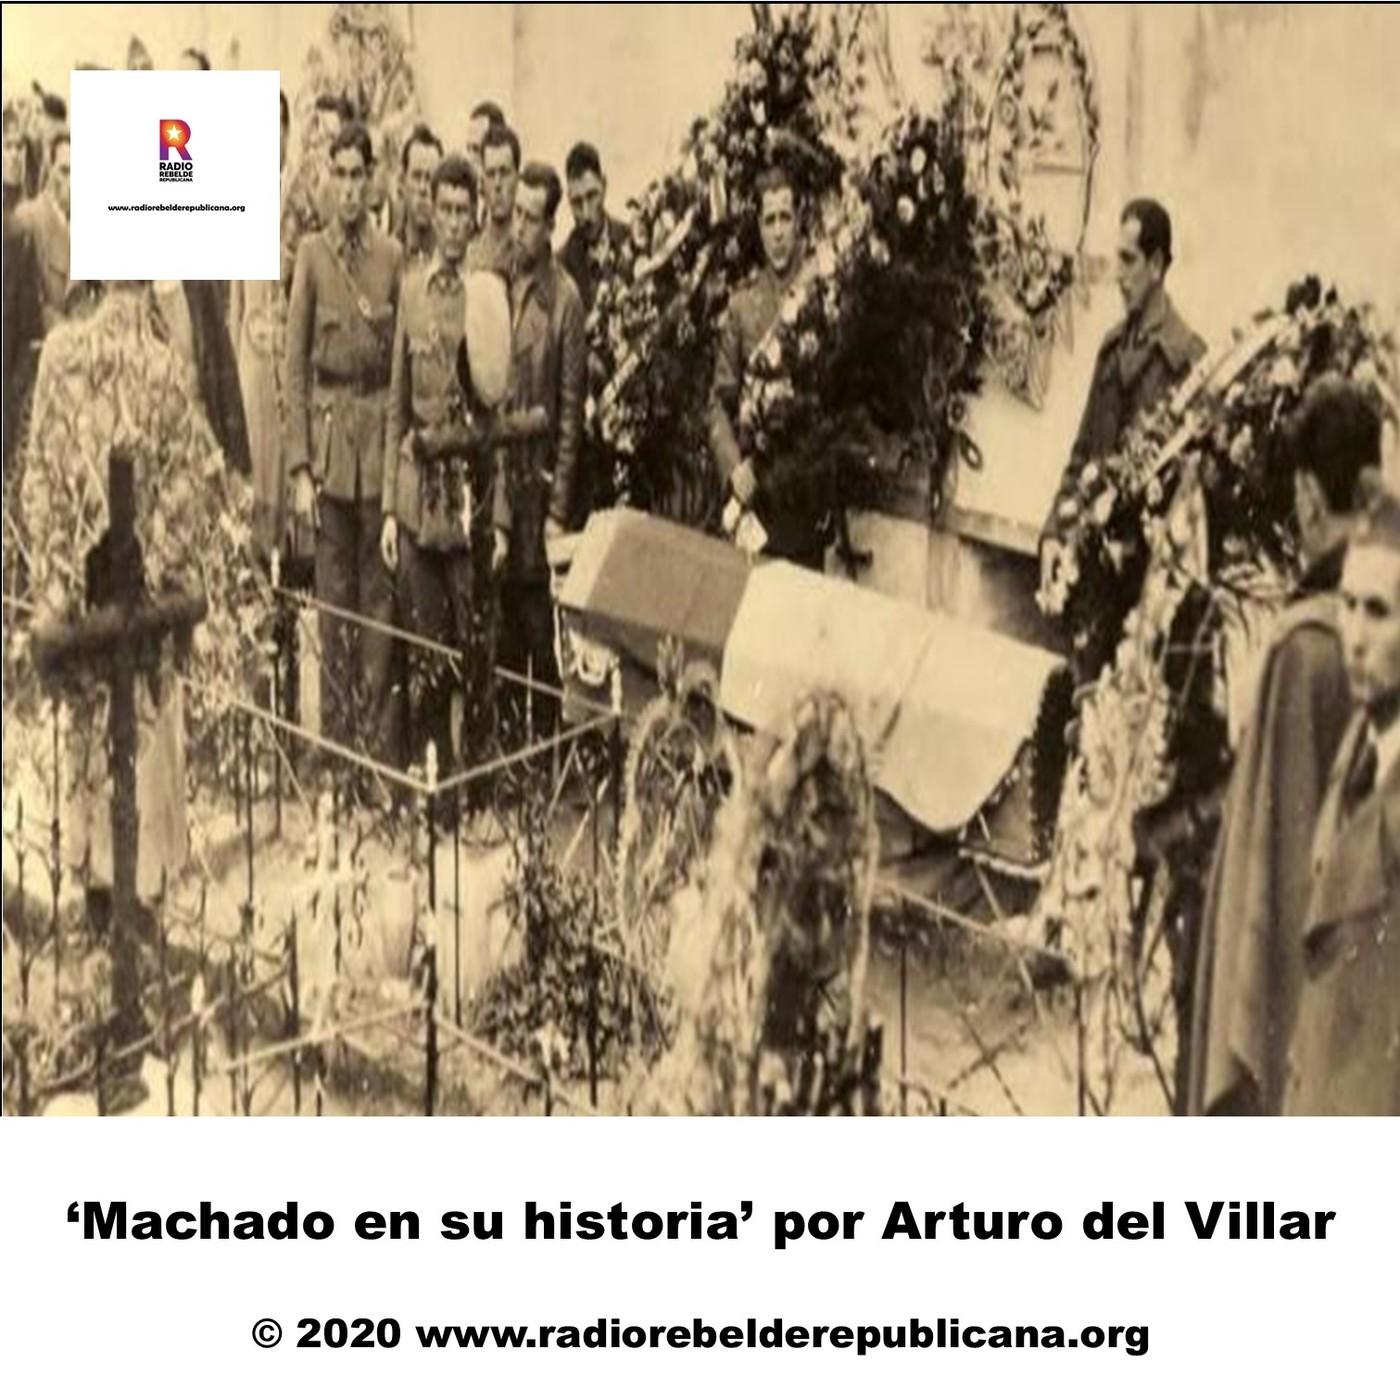 'Machado en su historia' por Arturo del Villar